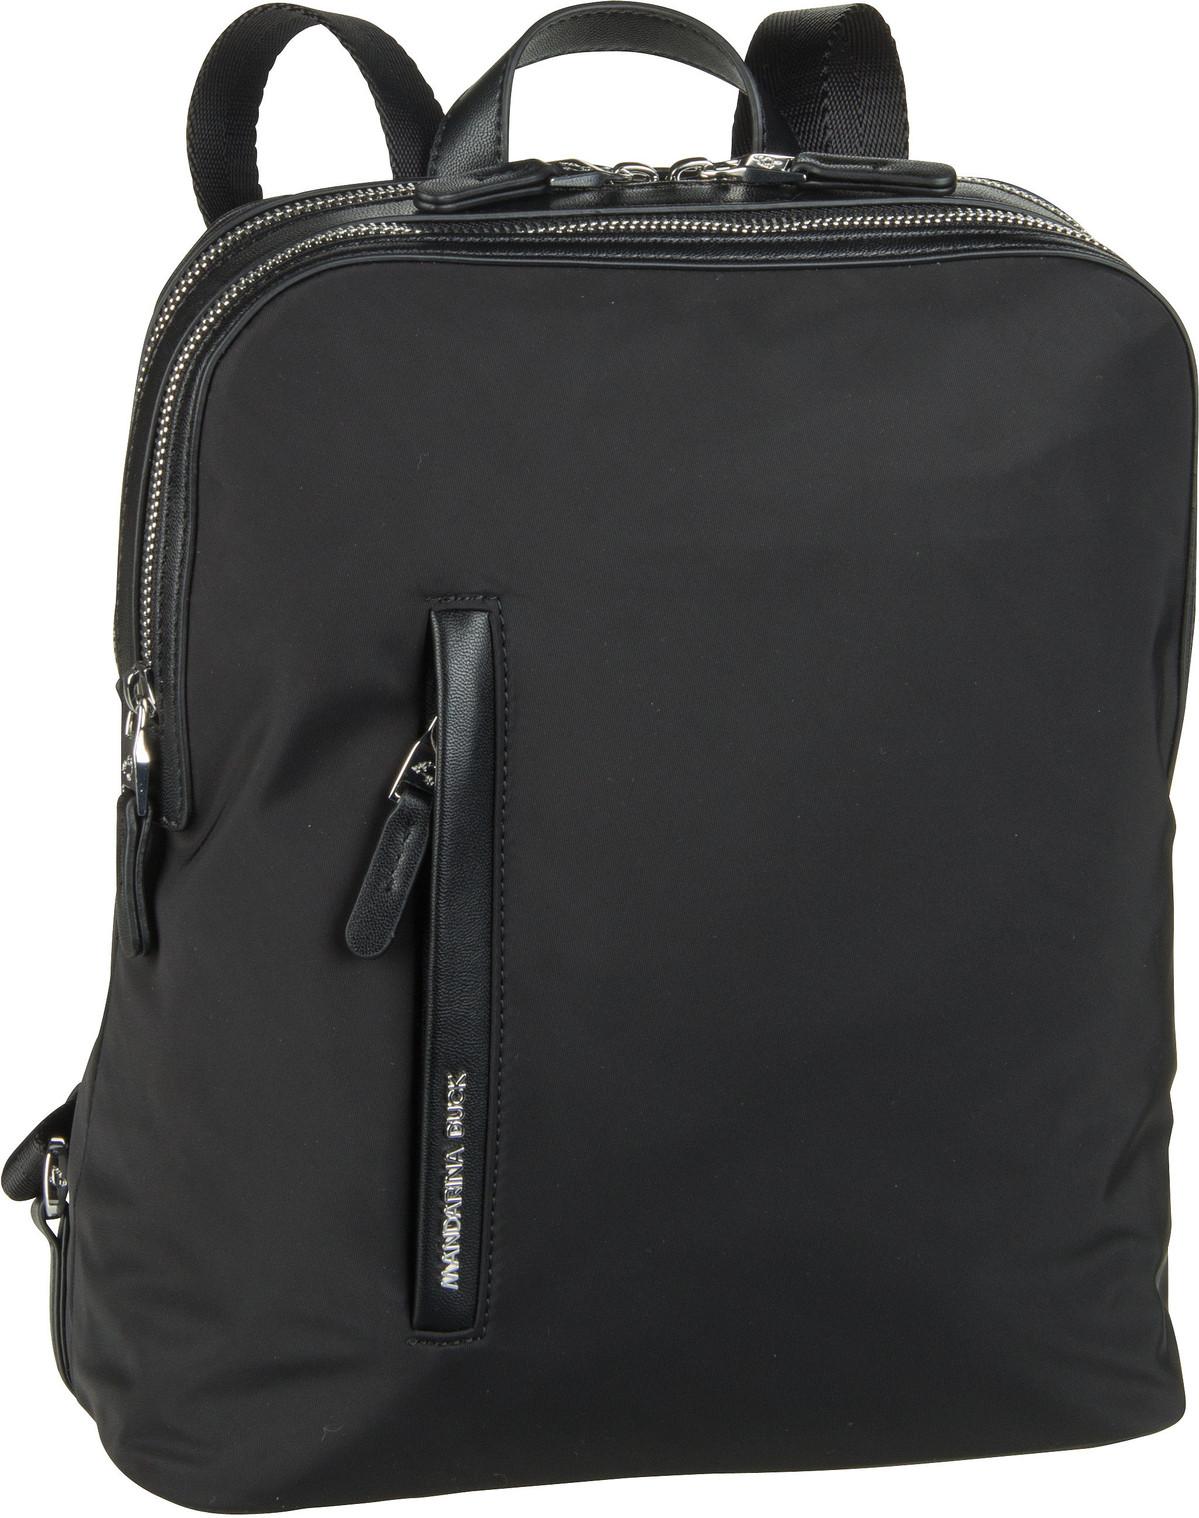 Rucksack / Daypack Hunter Small Backpack VCT08 Black